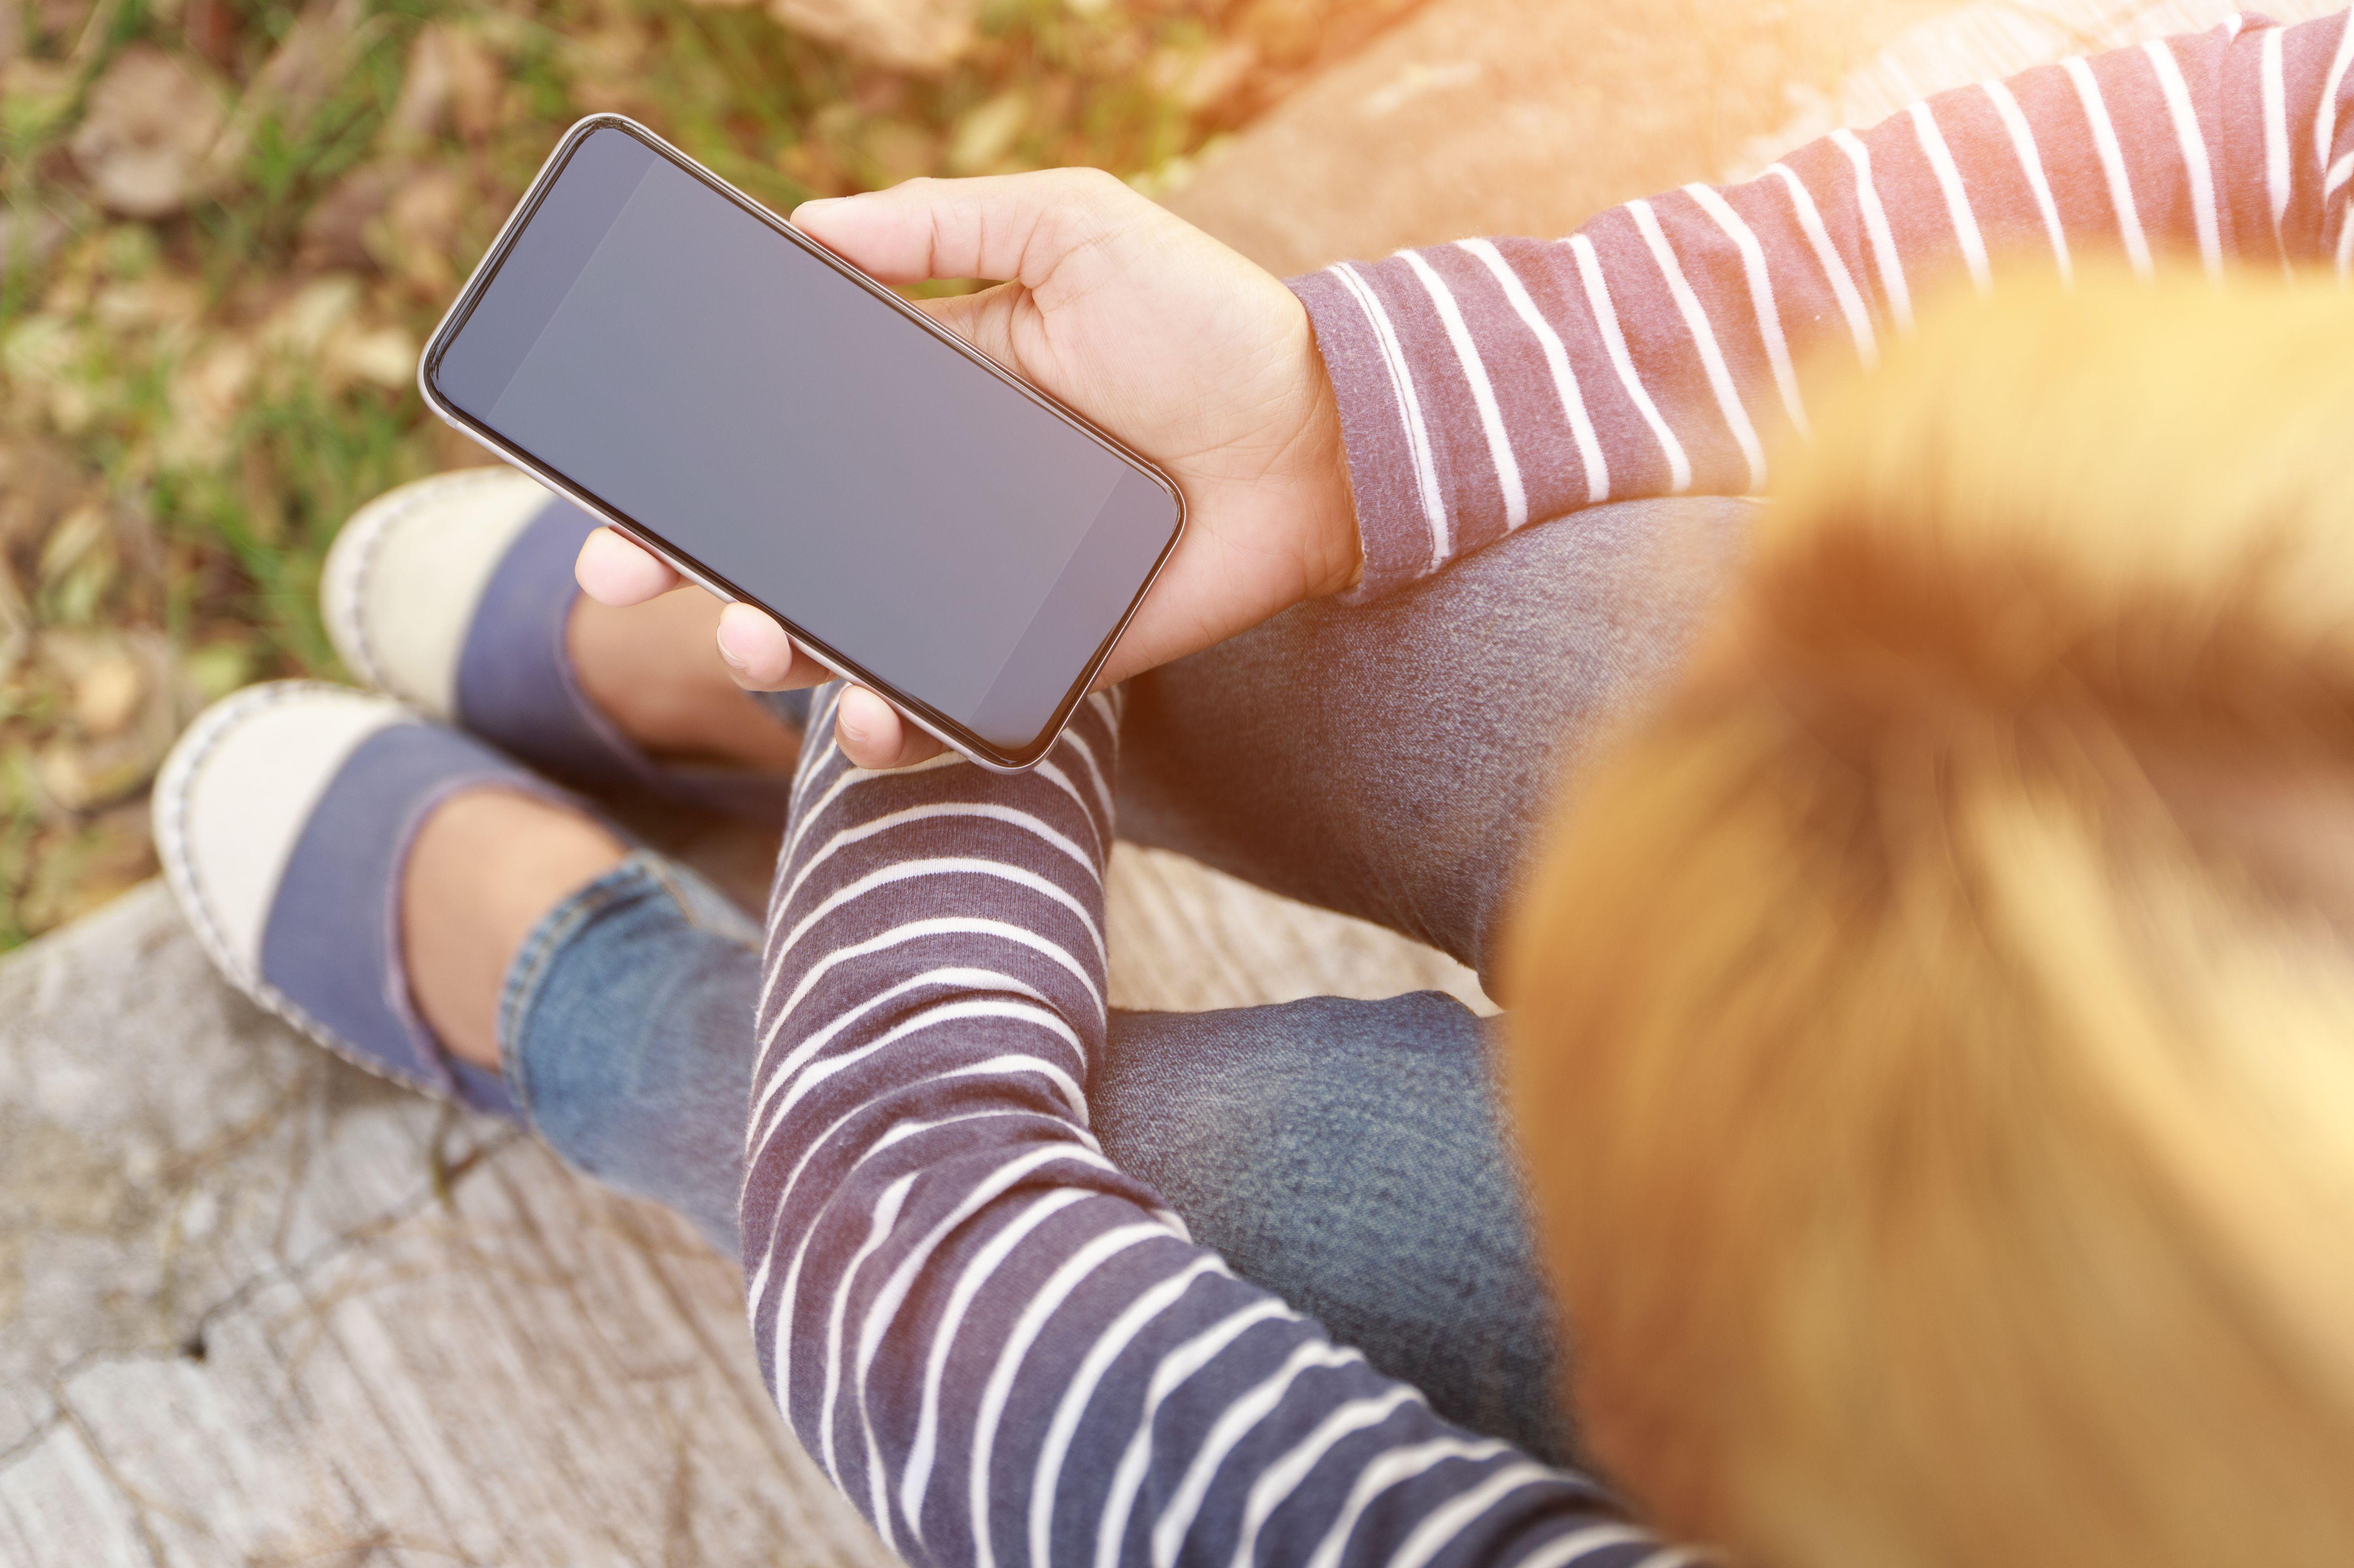 Chica busca cobertura Jazztel con su móvil